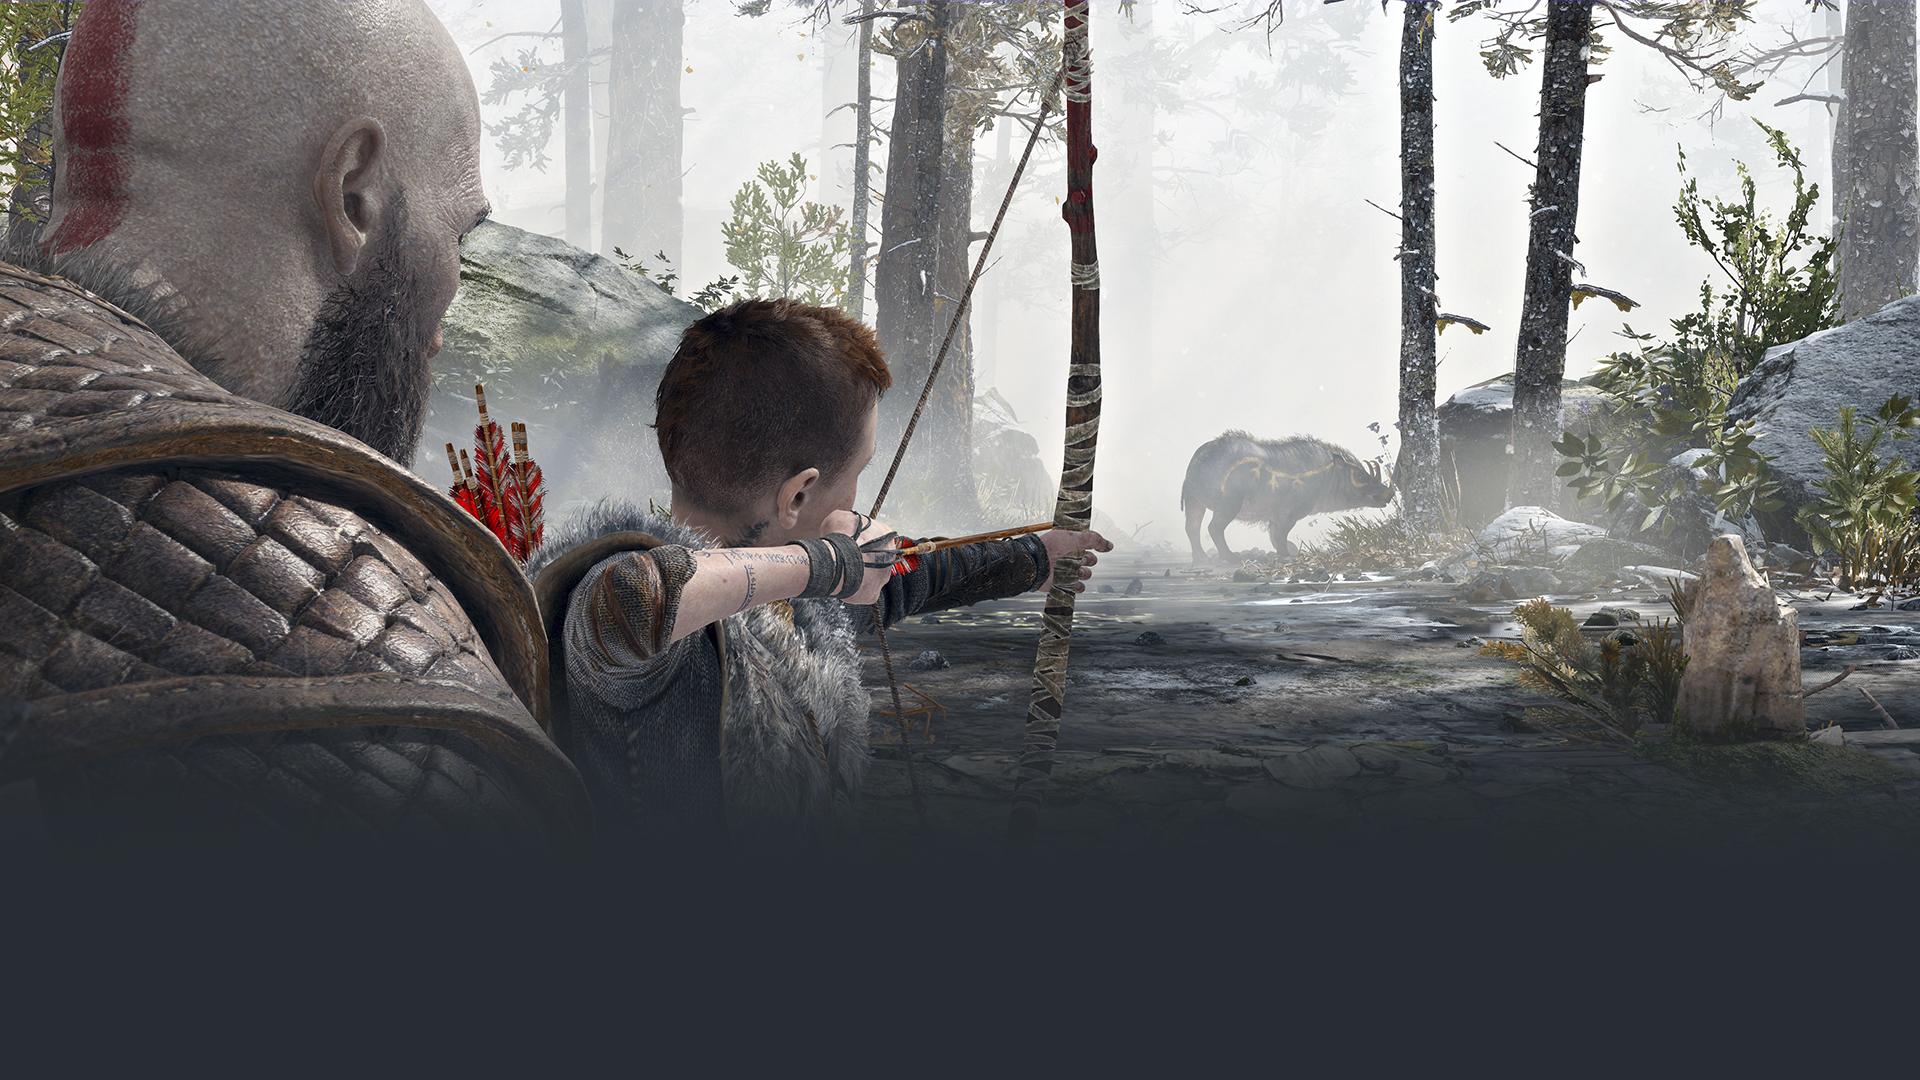 دليل PlayStation للعبة God of War - صورة البطل الفنية